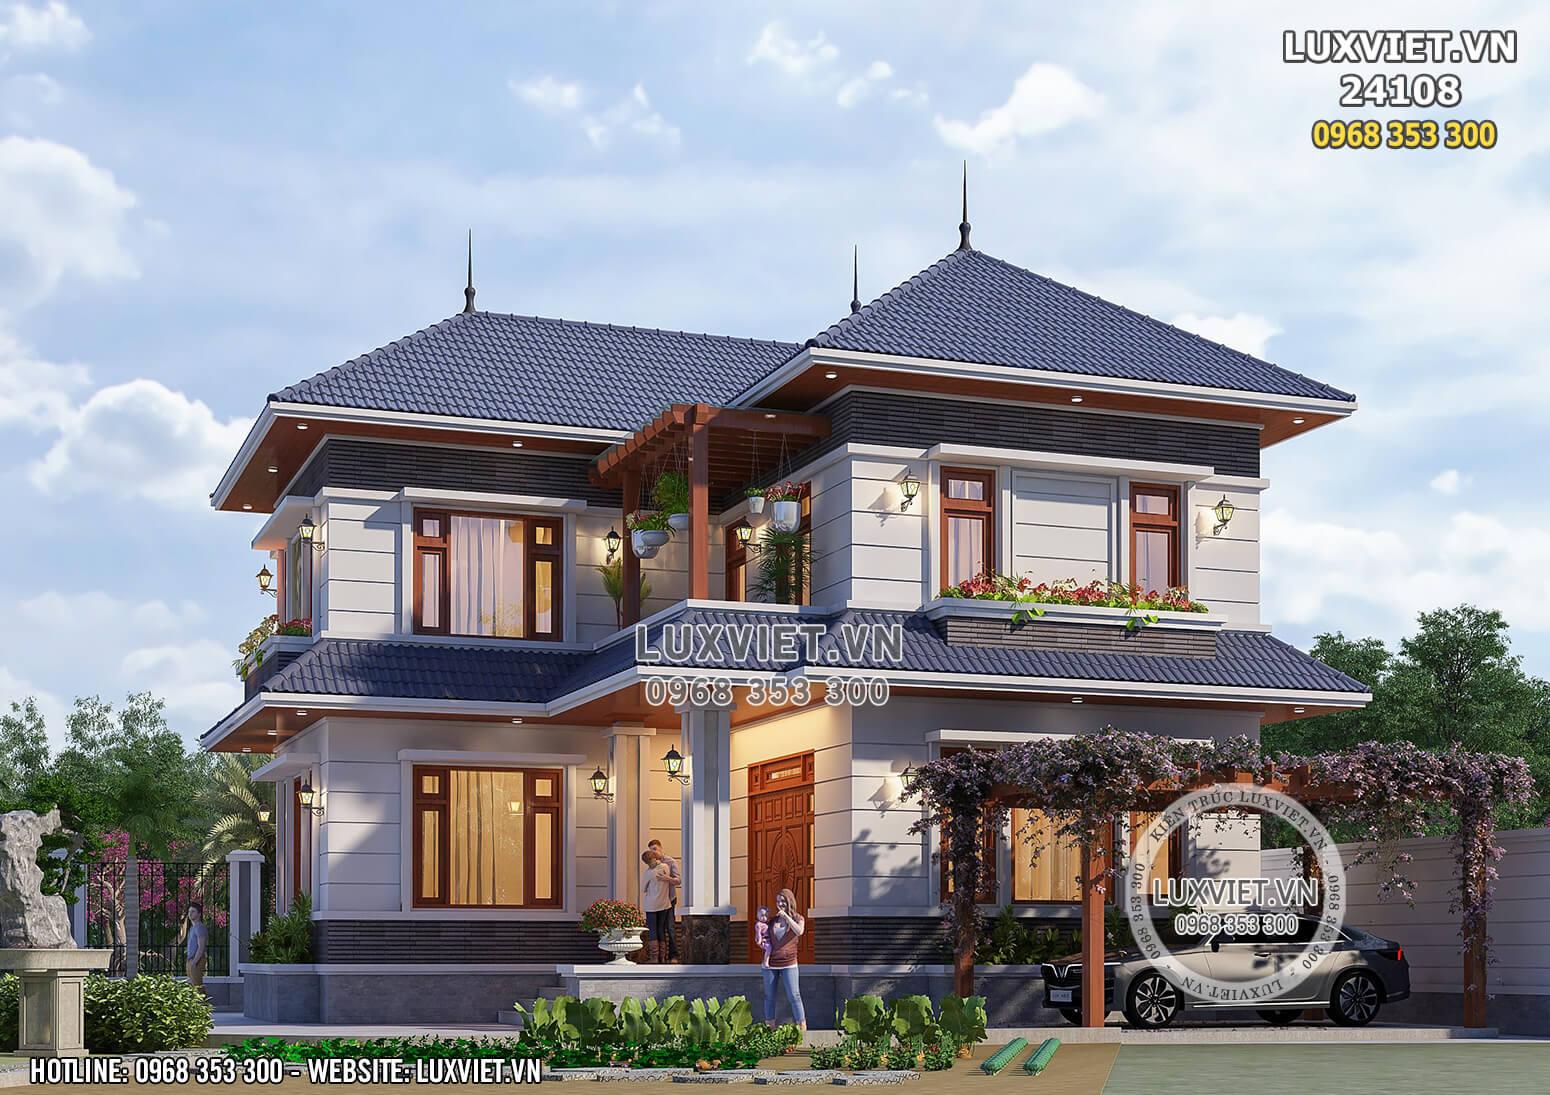 Hình ảnh: Nhà 2 tầng mái Thái hiện đại đẹp - LV 24108